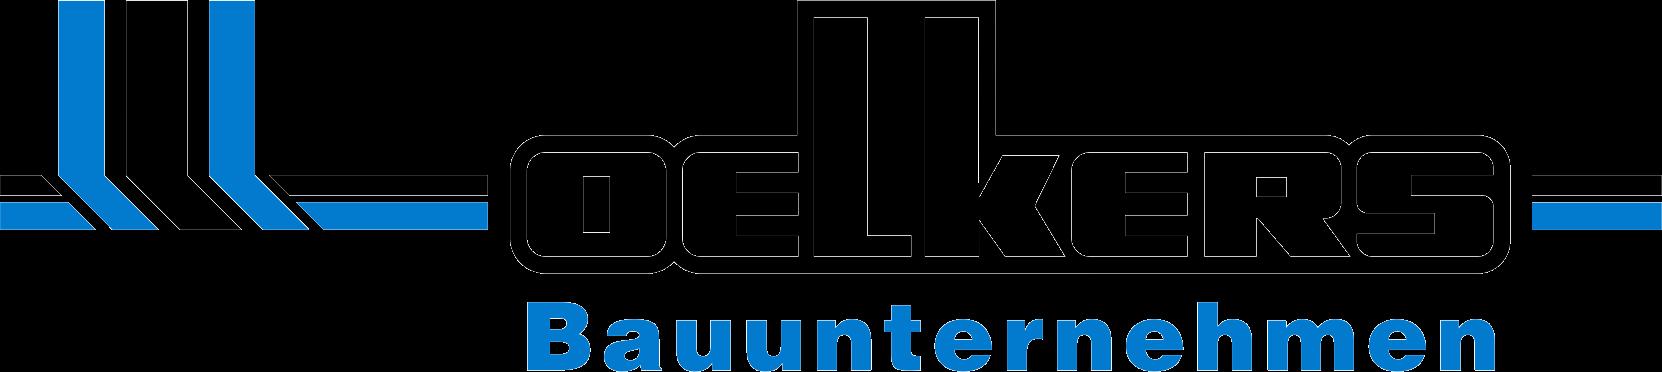 Logo von Bauunternehmen Oelkers